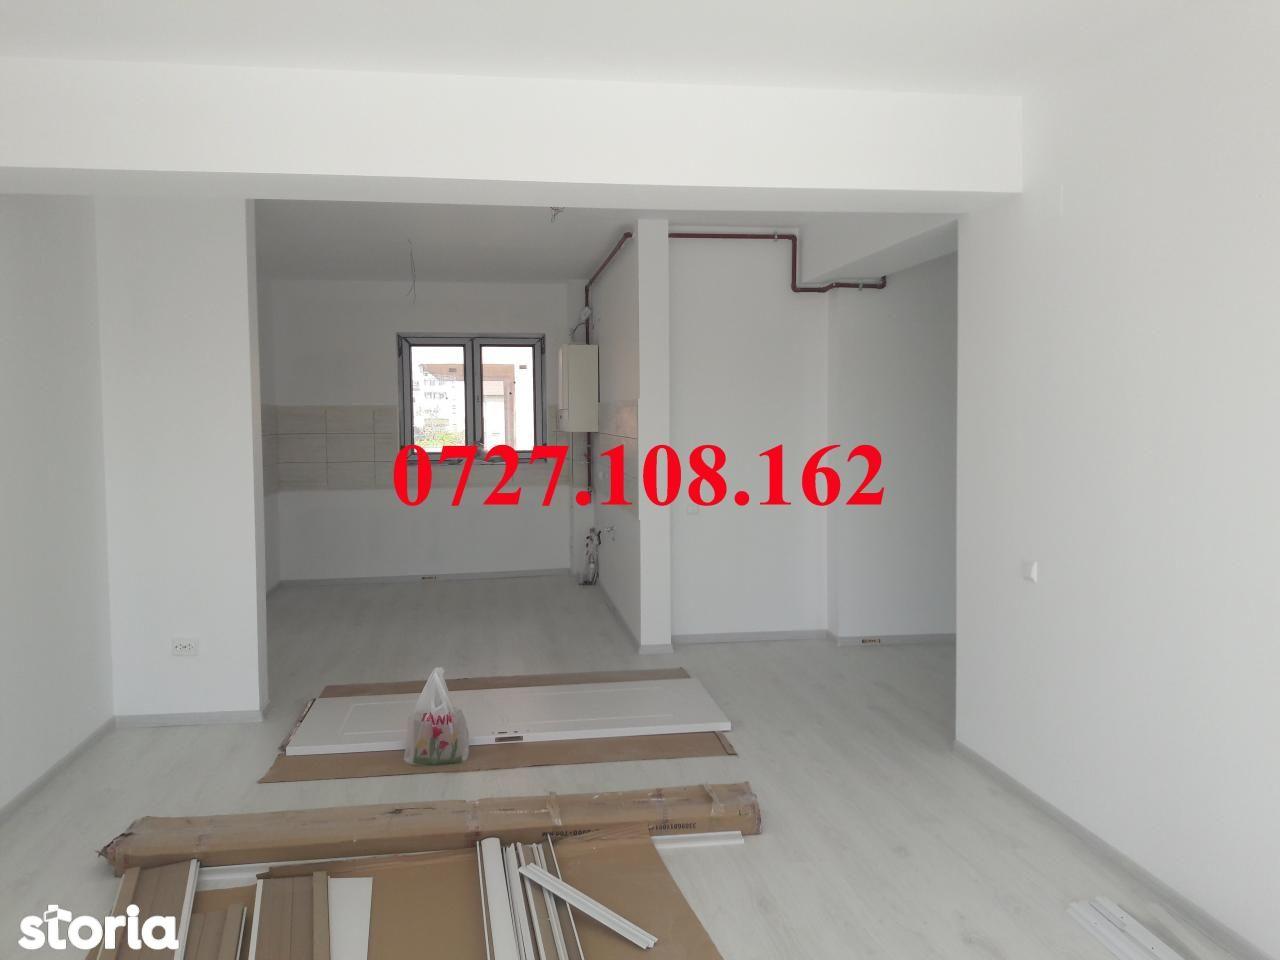 Apartament de vanzare, Bragadiru, Bucuresti - Ilfov - Foto 17